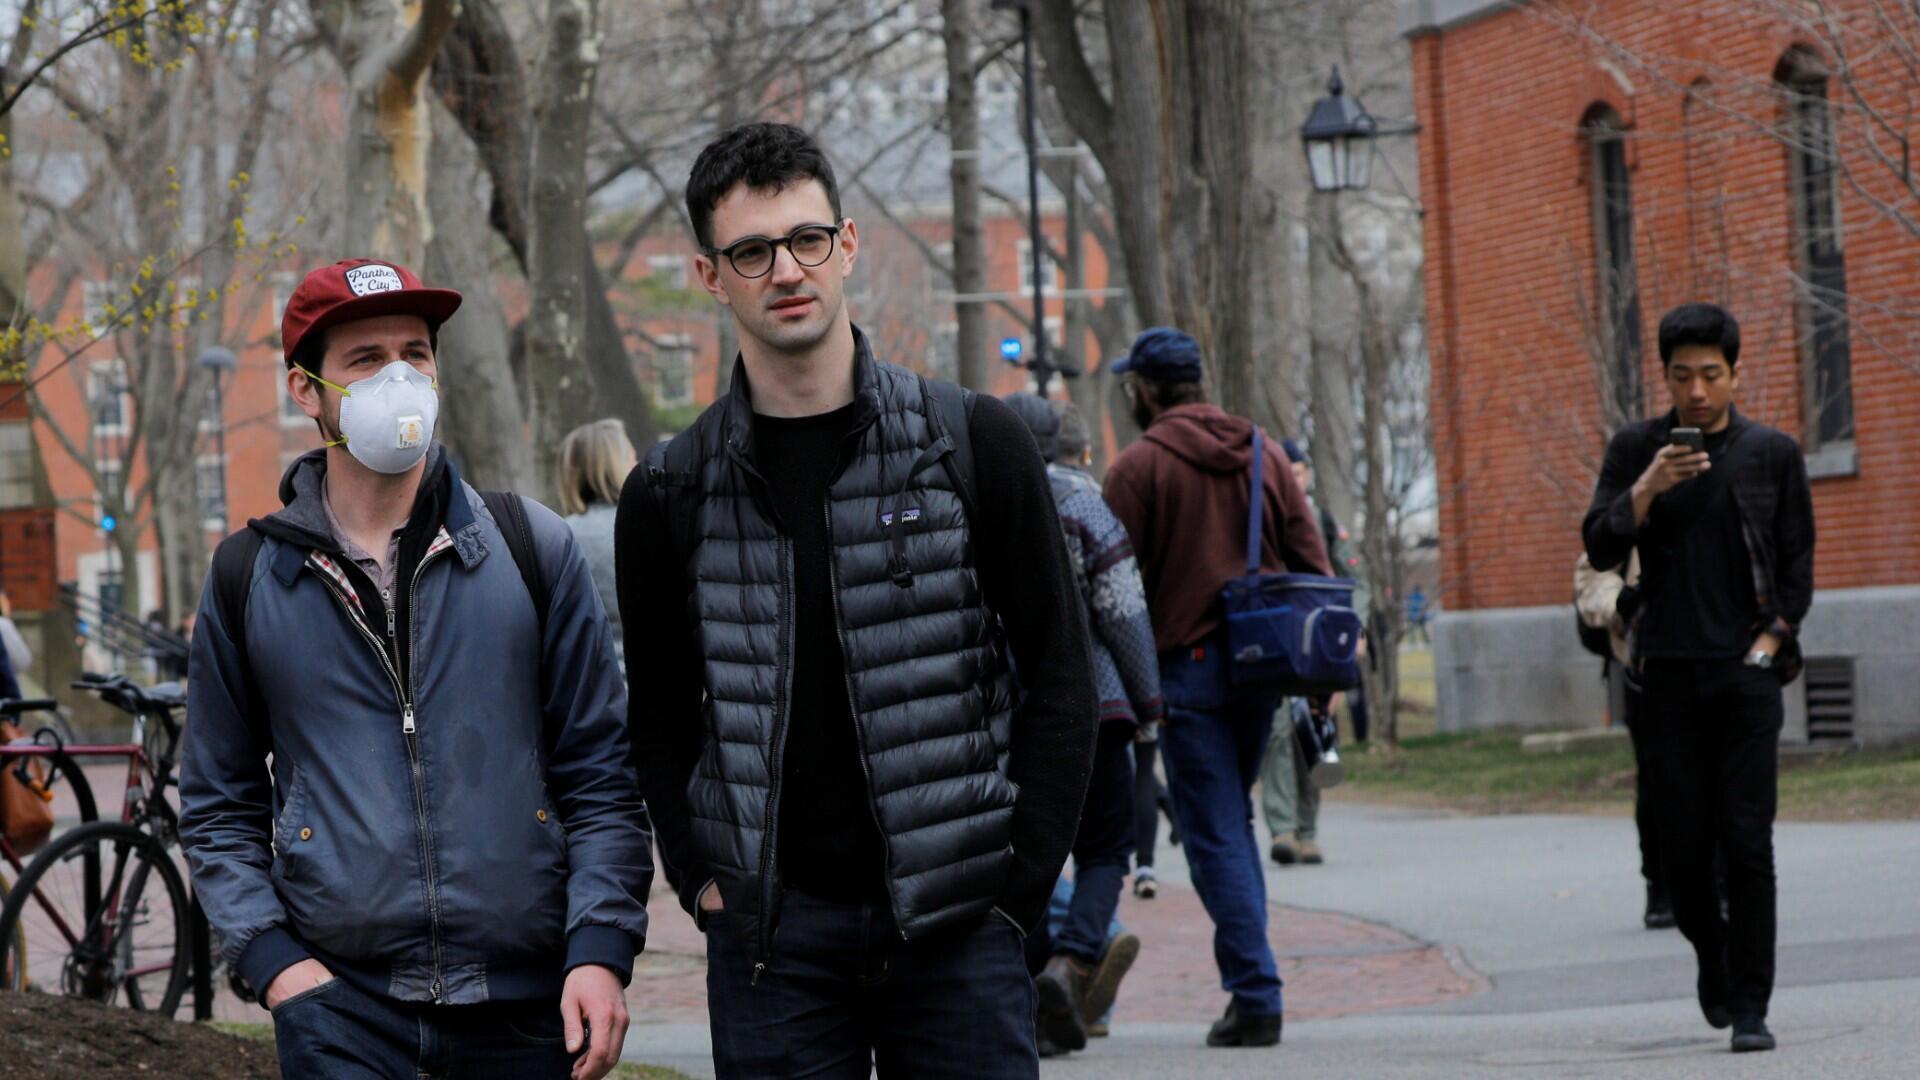 Un estudiante que usa una máscara, porque su tratamiento contra el cáncer lo ha dejado inmunodeprimido y vulnerable a enfermedades como el coronavirus, camina por el patio de la Universidad de Harvard, luego de que la escuela pidiera a sus estudiantes que no regresaran al campus después de las vacaciones de primavera